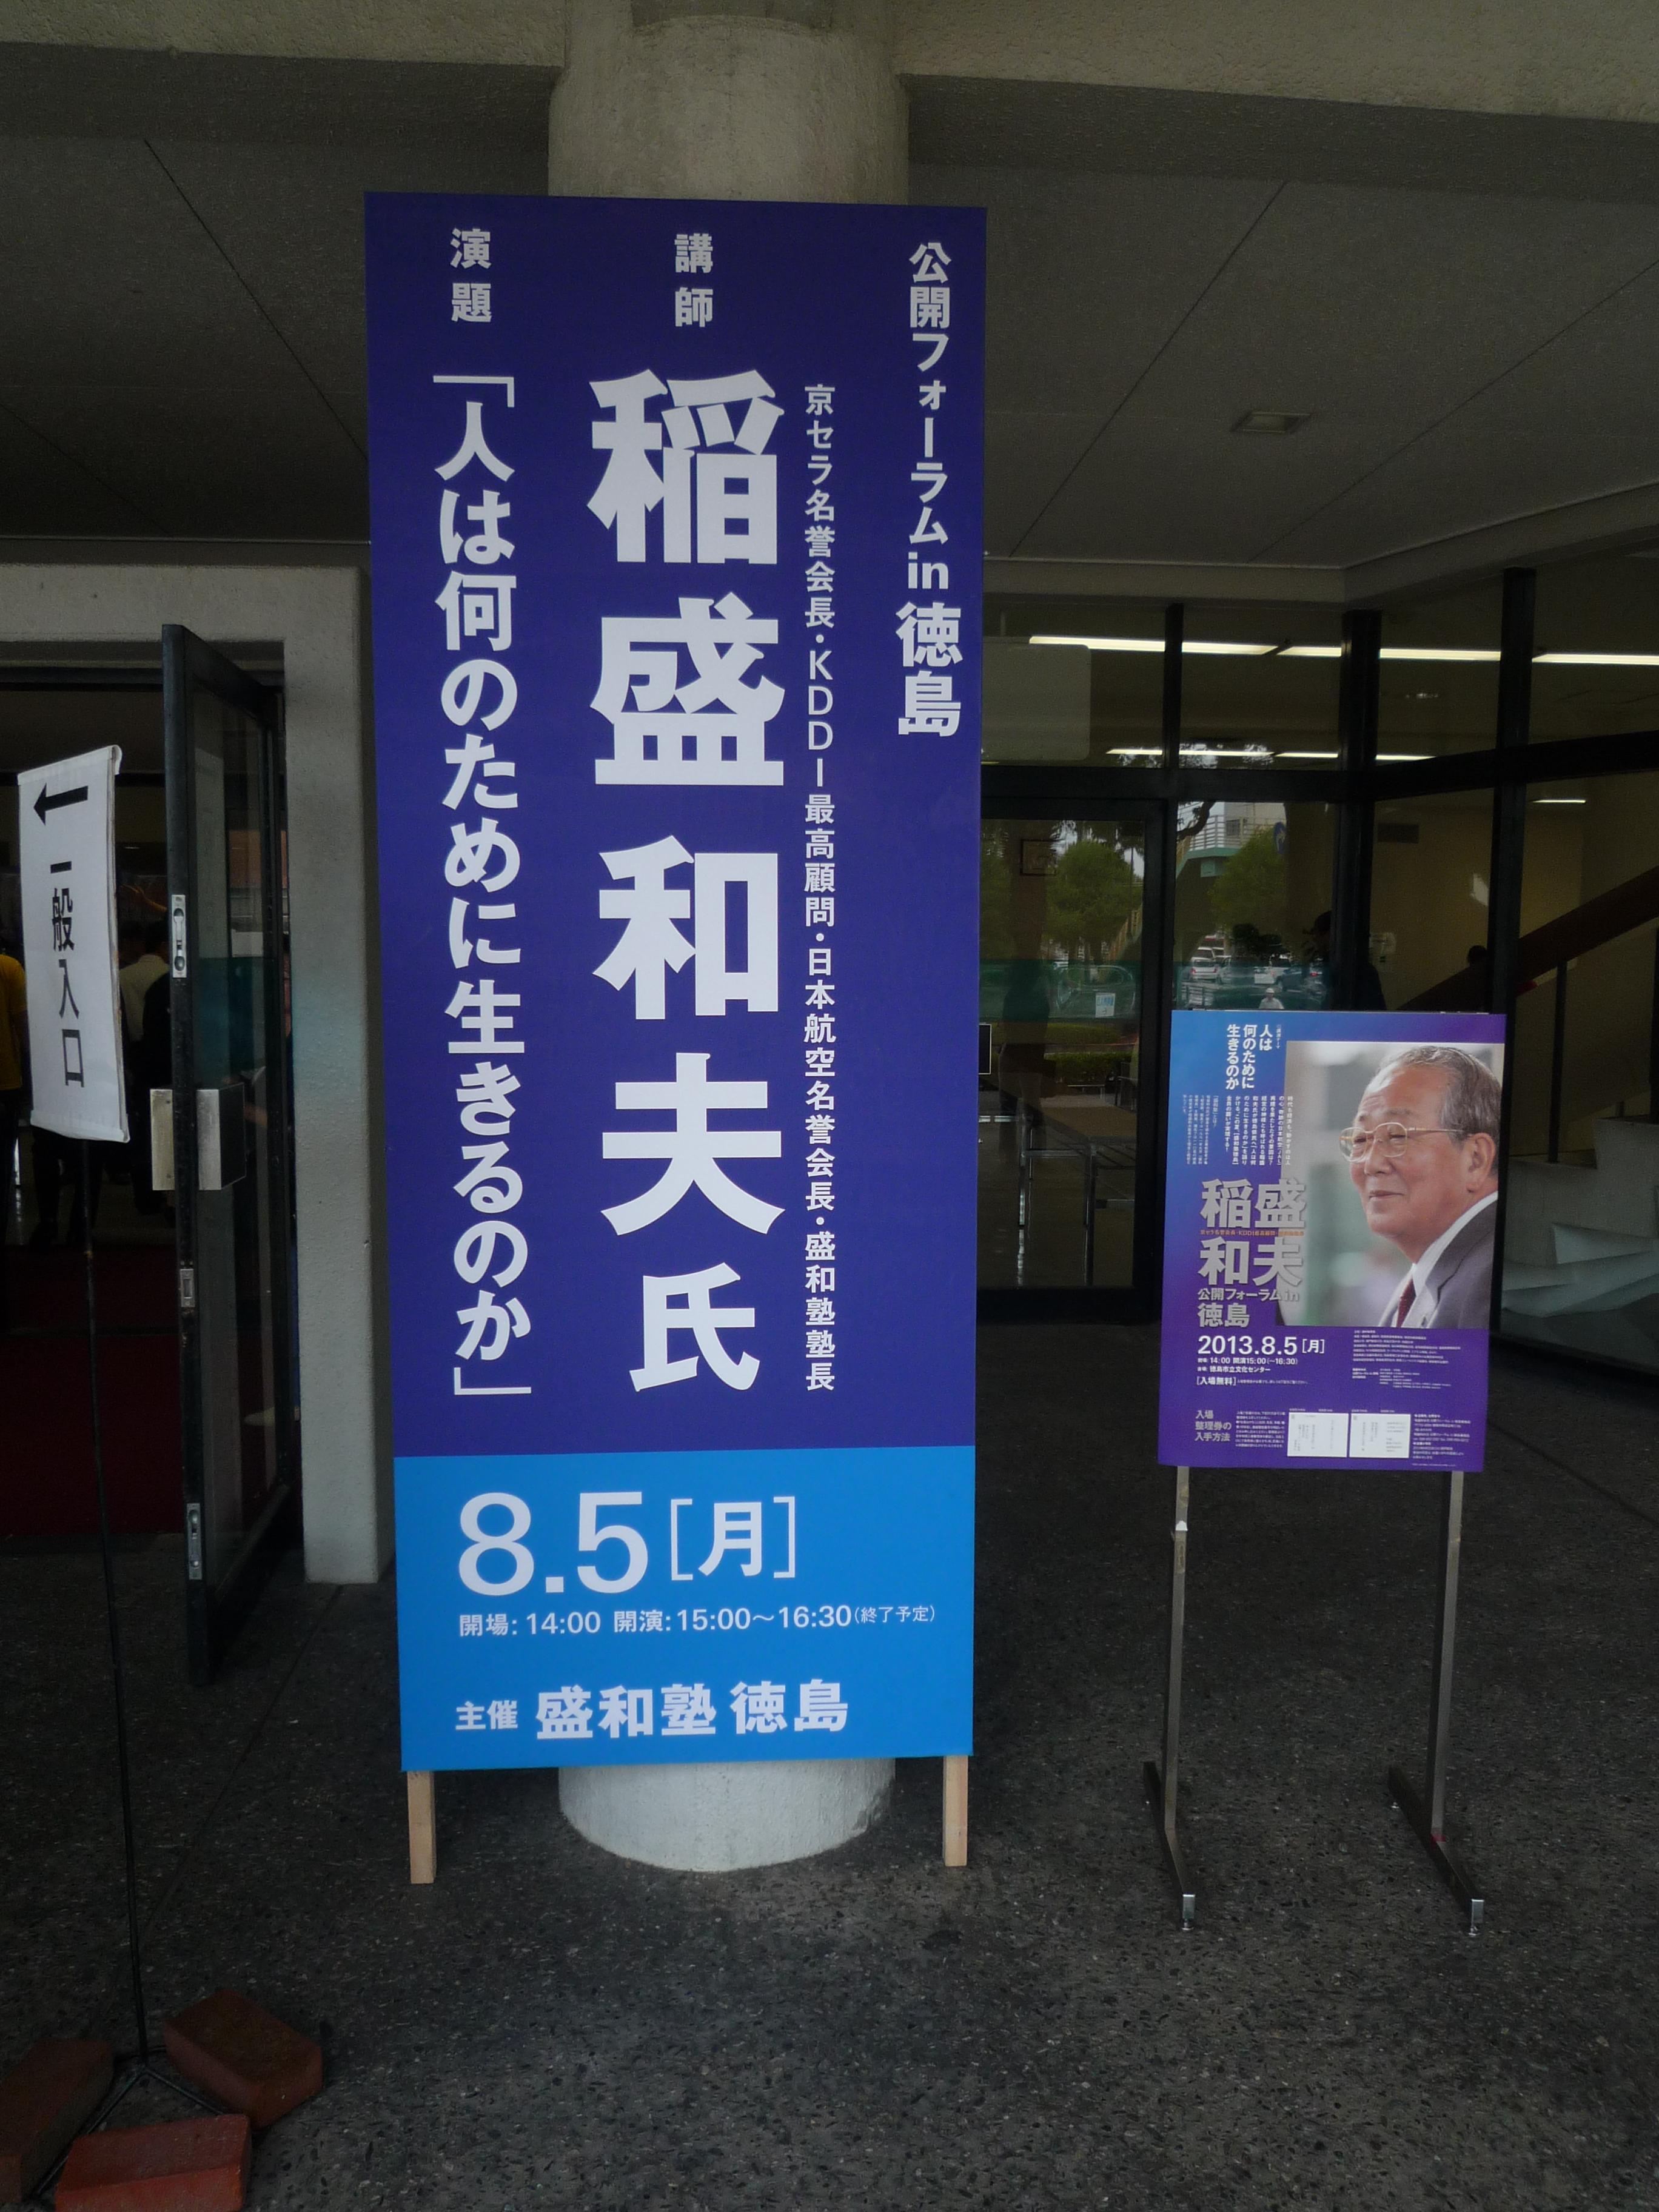 京セラ・稲盛和夫さんの講演